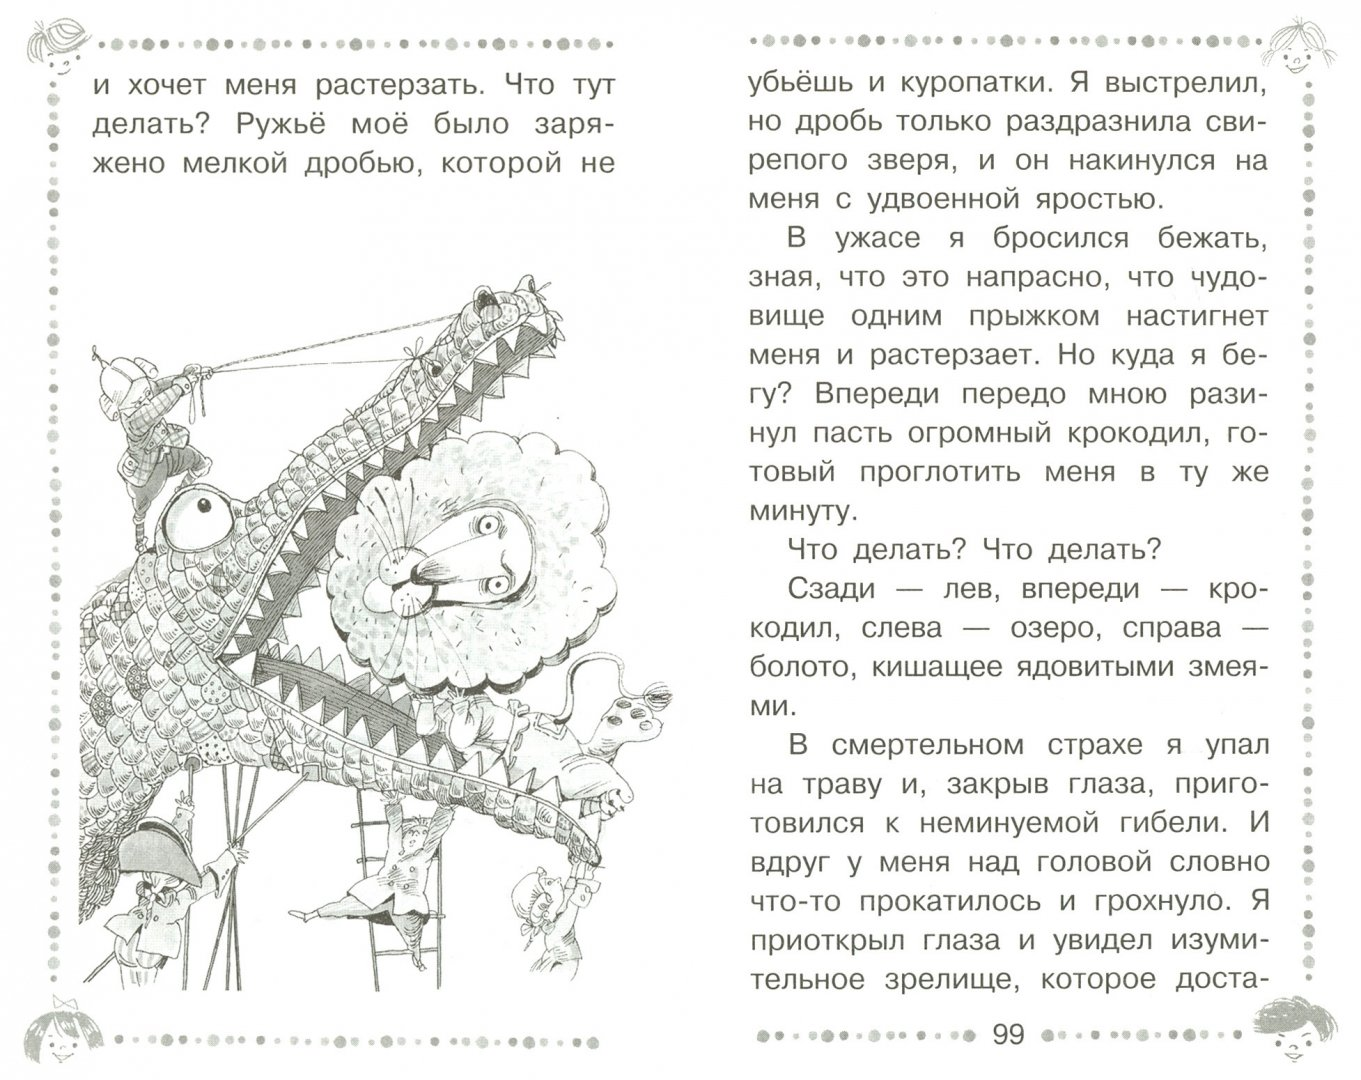 Иллюстрация 1 из 5 для Приключения барона Мюнхаузена - Рудольф Распе | Лабиринт - книги. Источник: Лабиринт